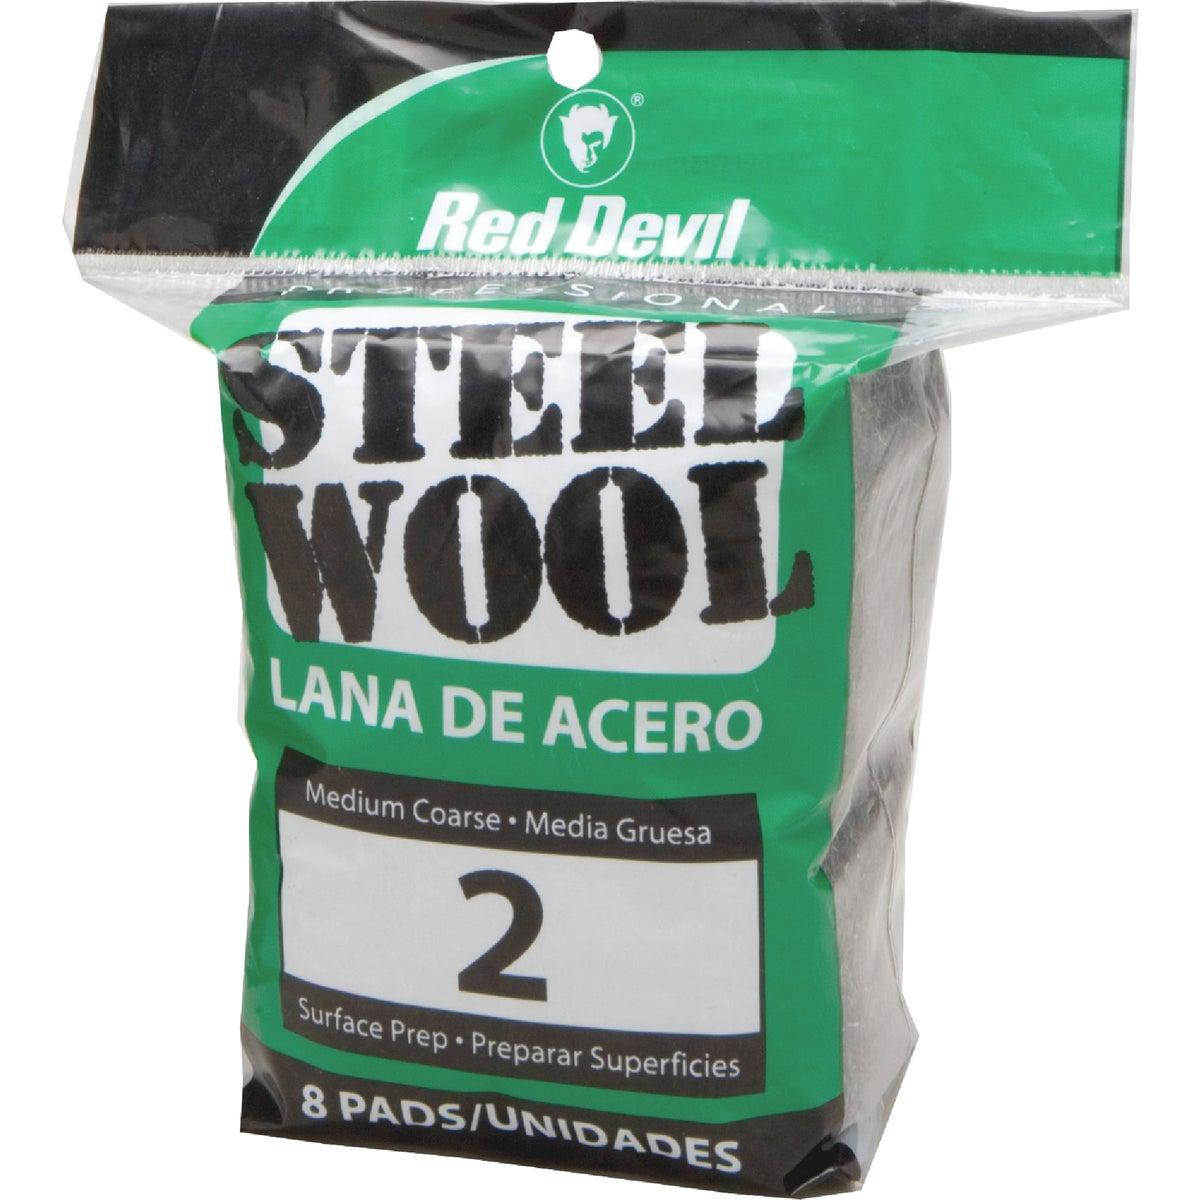 8PK #2 STEEL WOOL